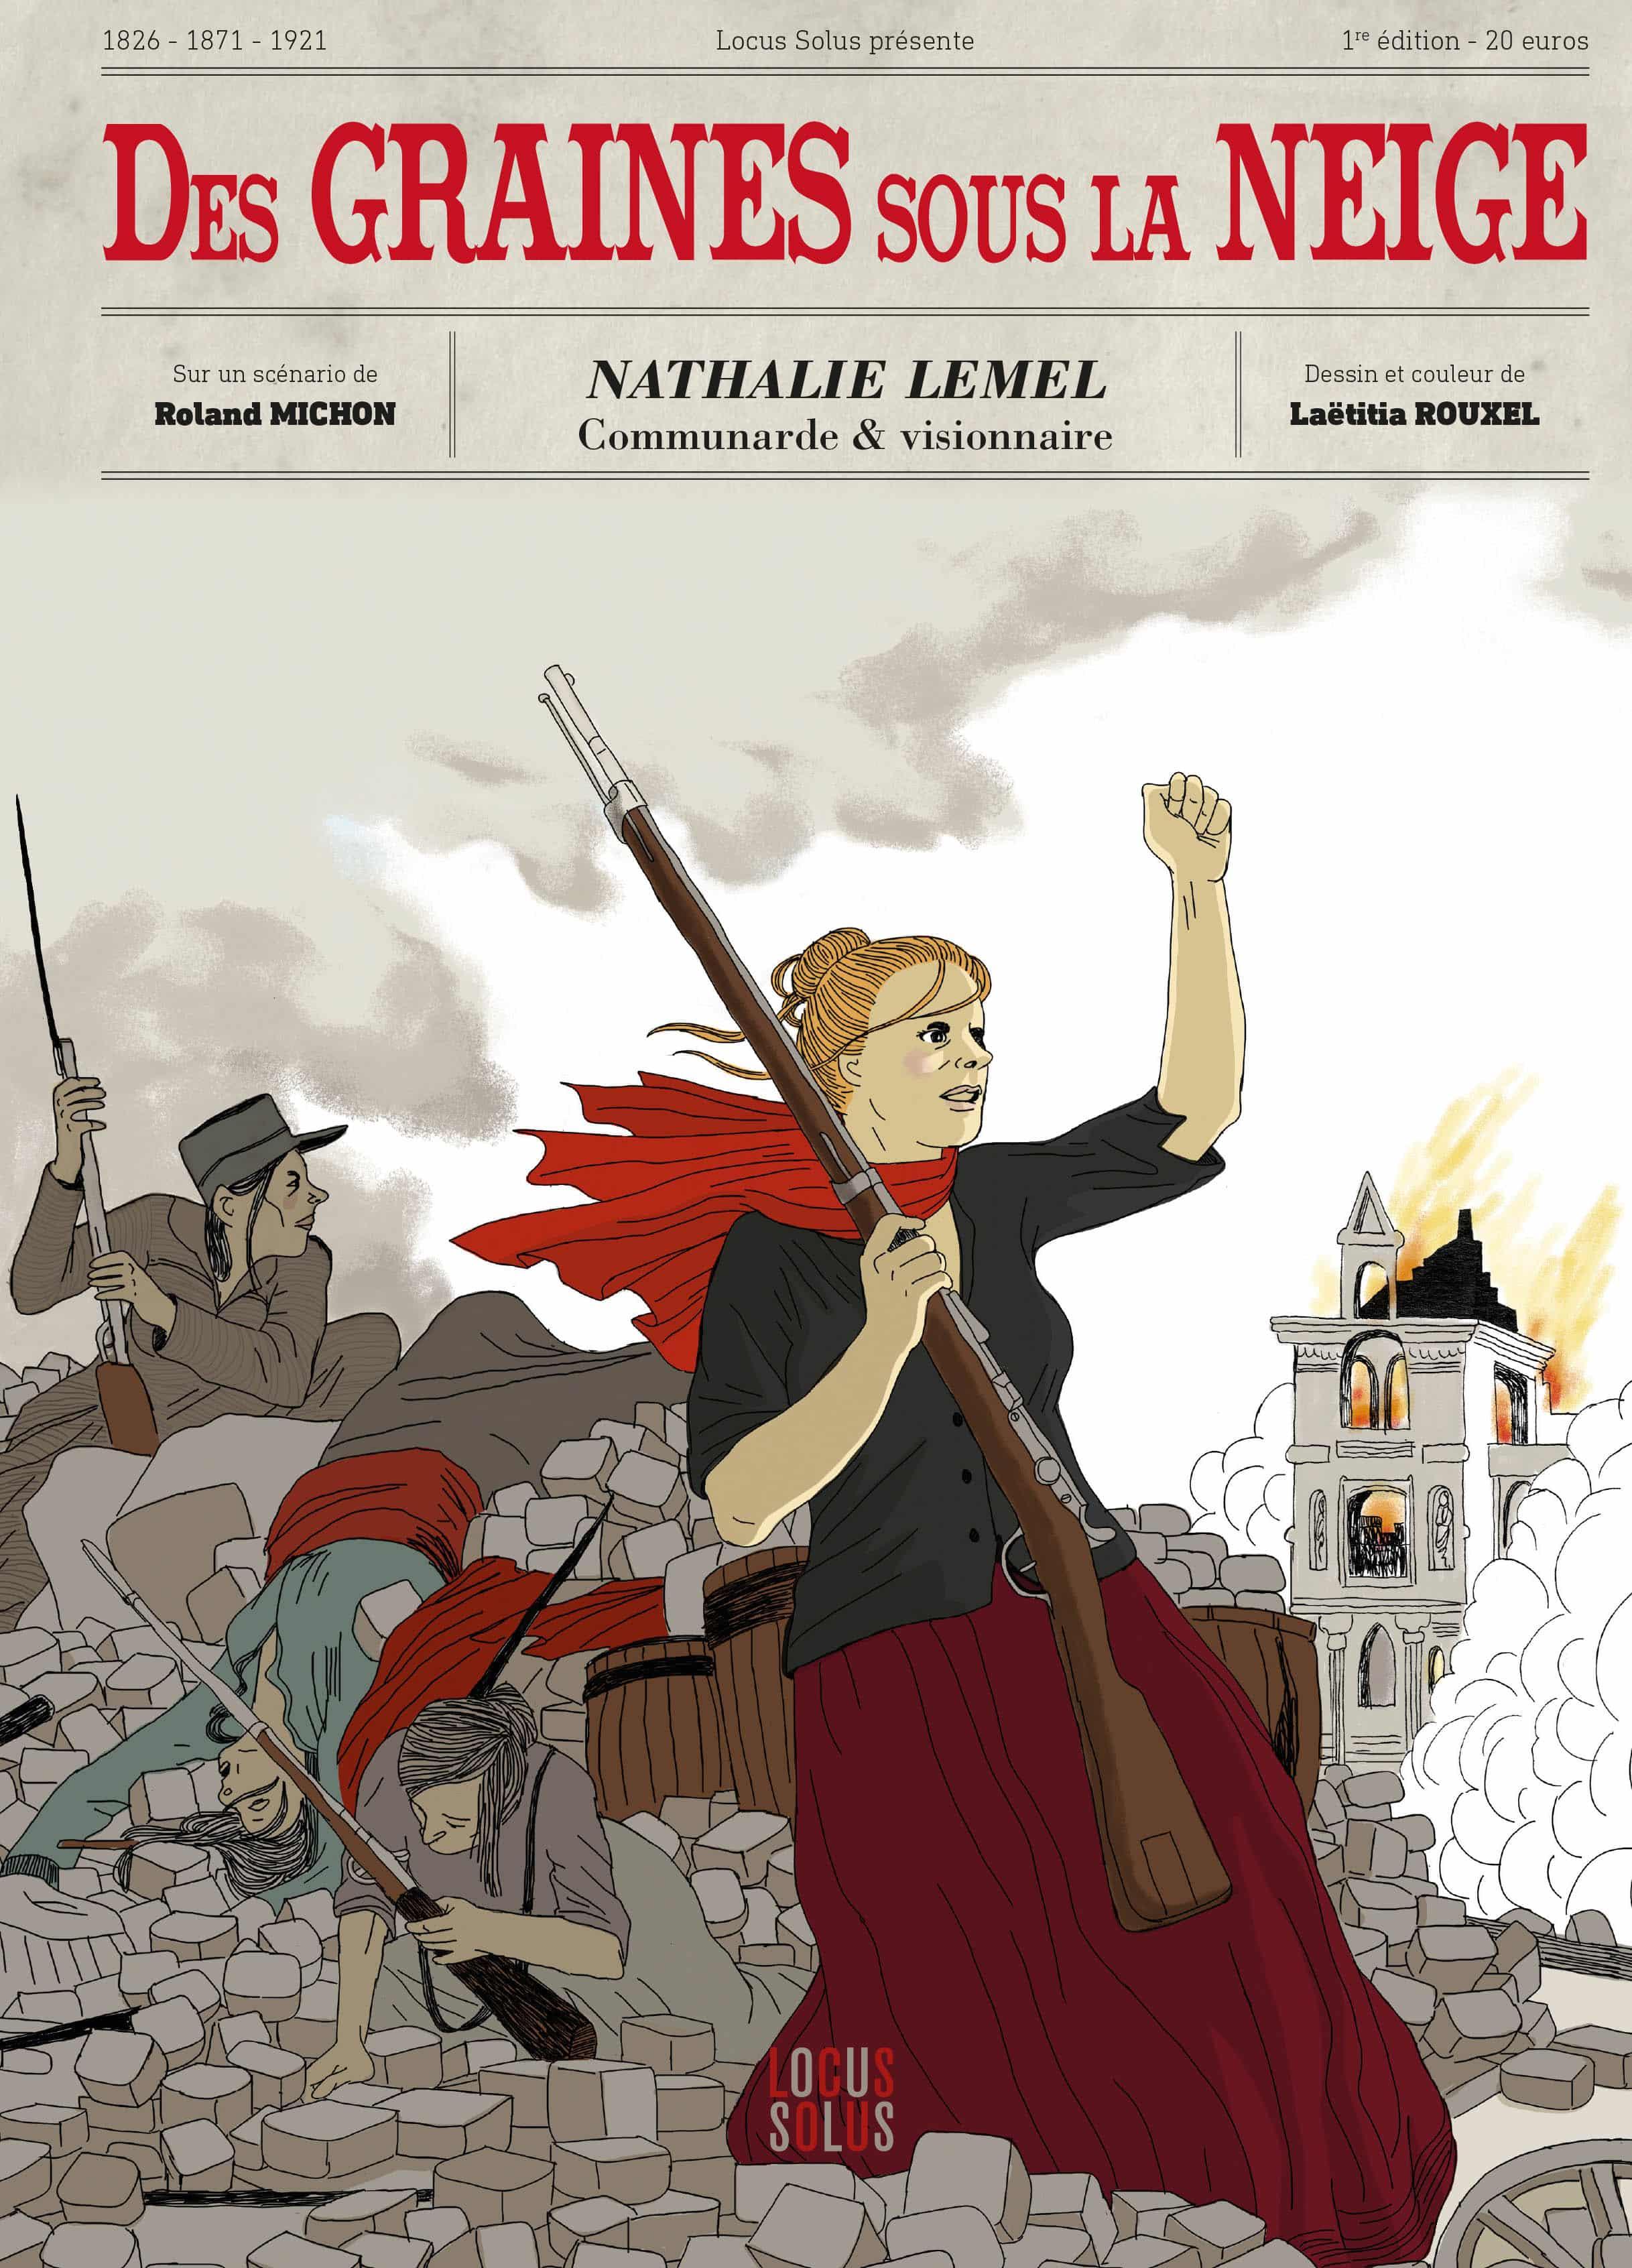 Des Graines sous la neige, Nathalie Lemel figure de la Commune - Ligne Claire (Blog)